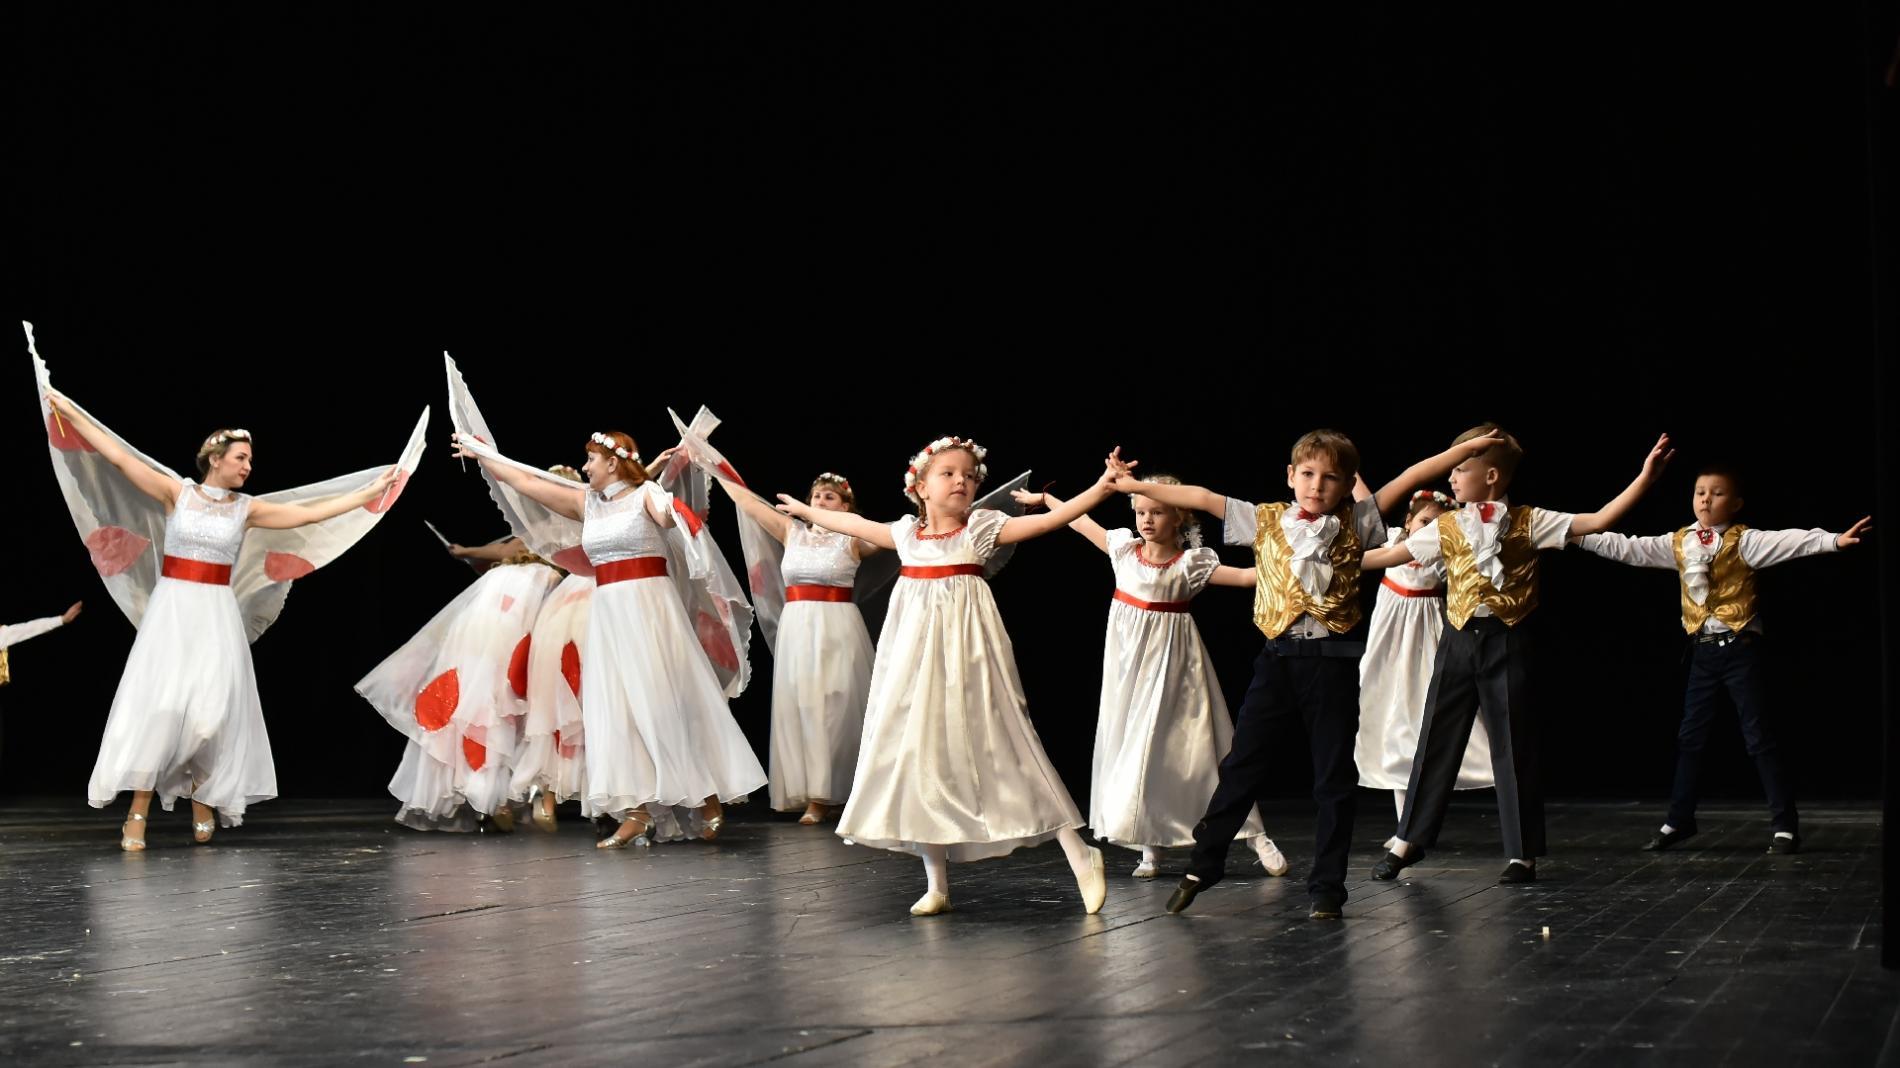 Болгарский народный танец исполнили вологодские танцоры на международном конкурсе хореографии